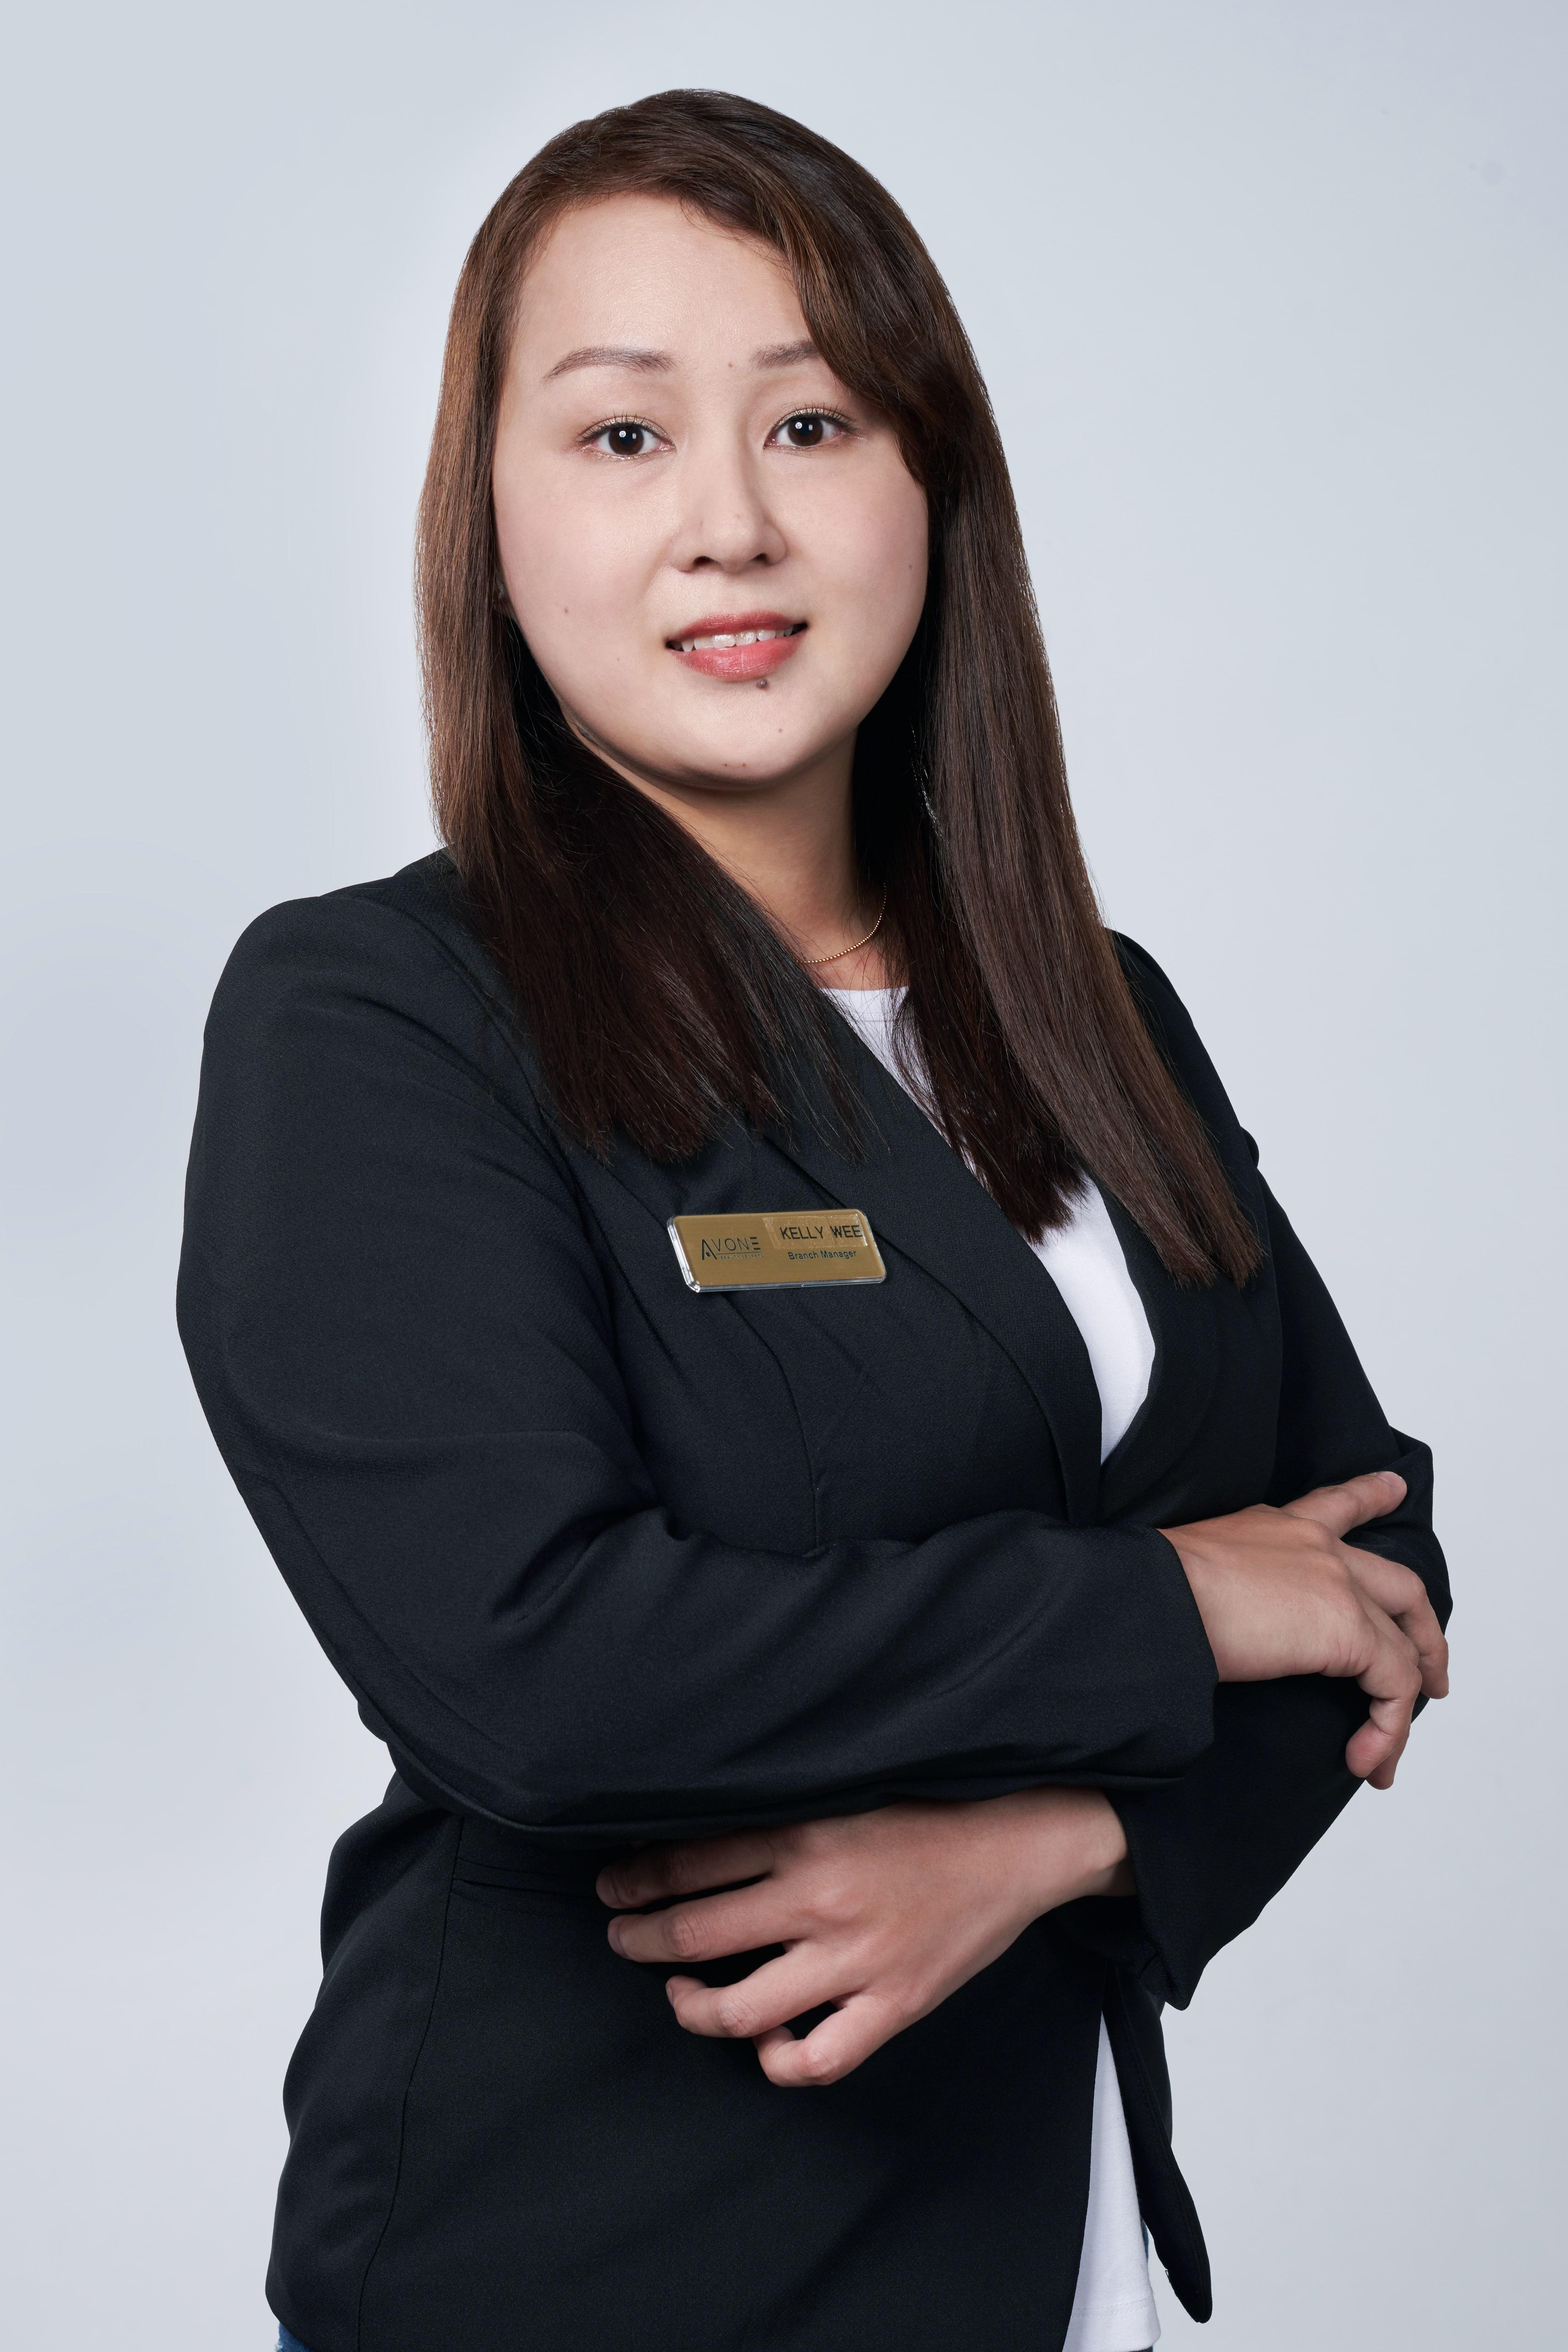 Kelly Wee